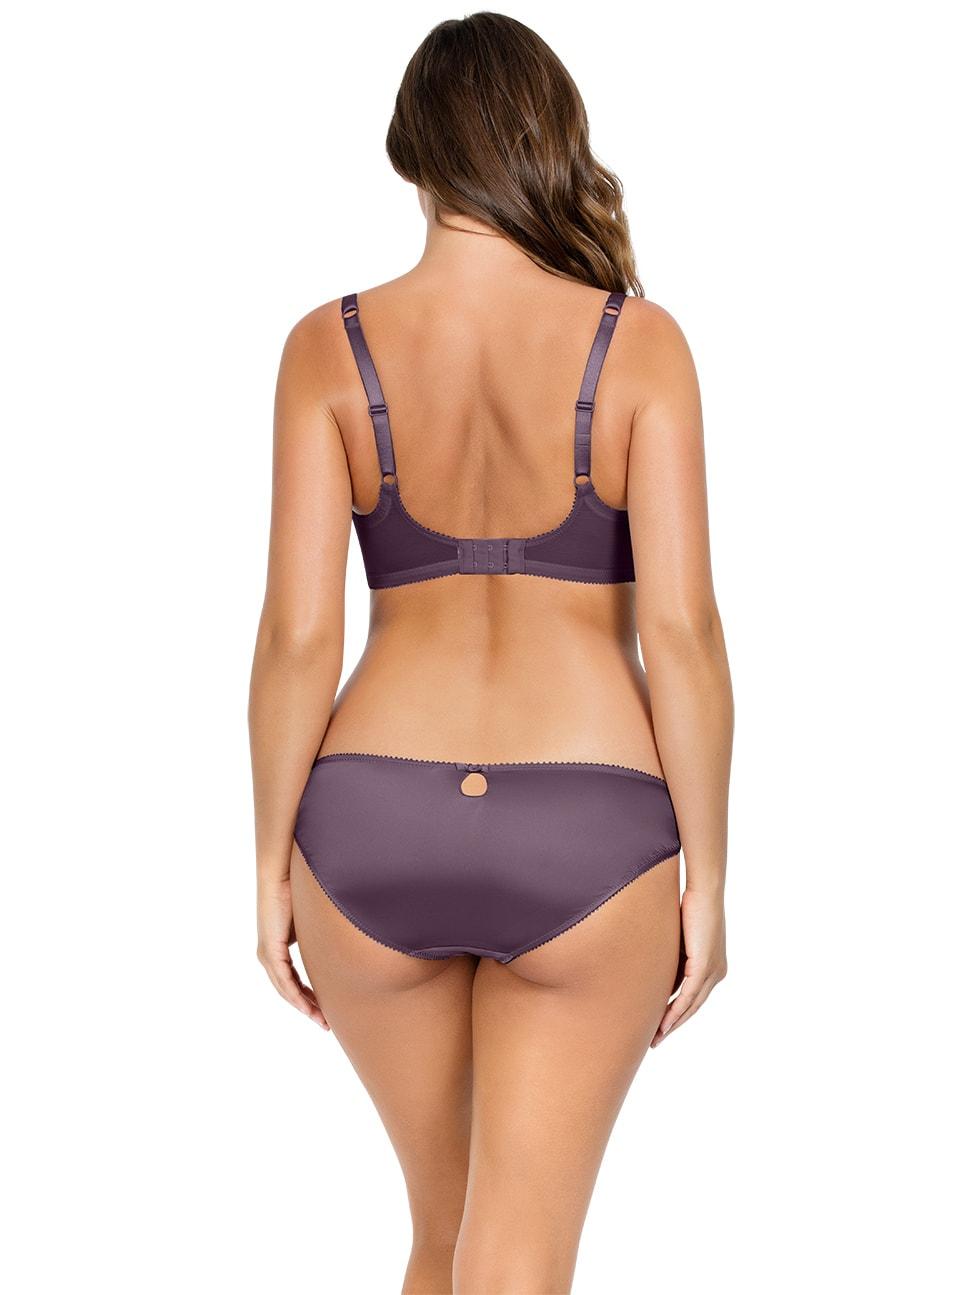 PARFAIT Mariela ContourPaddedBraP5581 BikiniP5583 PlumNostalgiaRose Back copy 2 - Mariela Bikini - Plum/Nostalgia Rose - P5583